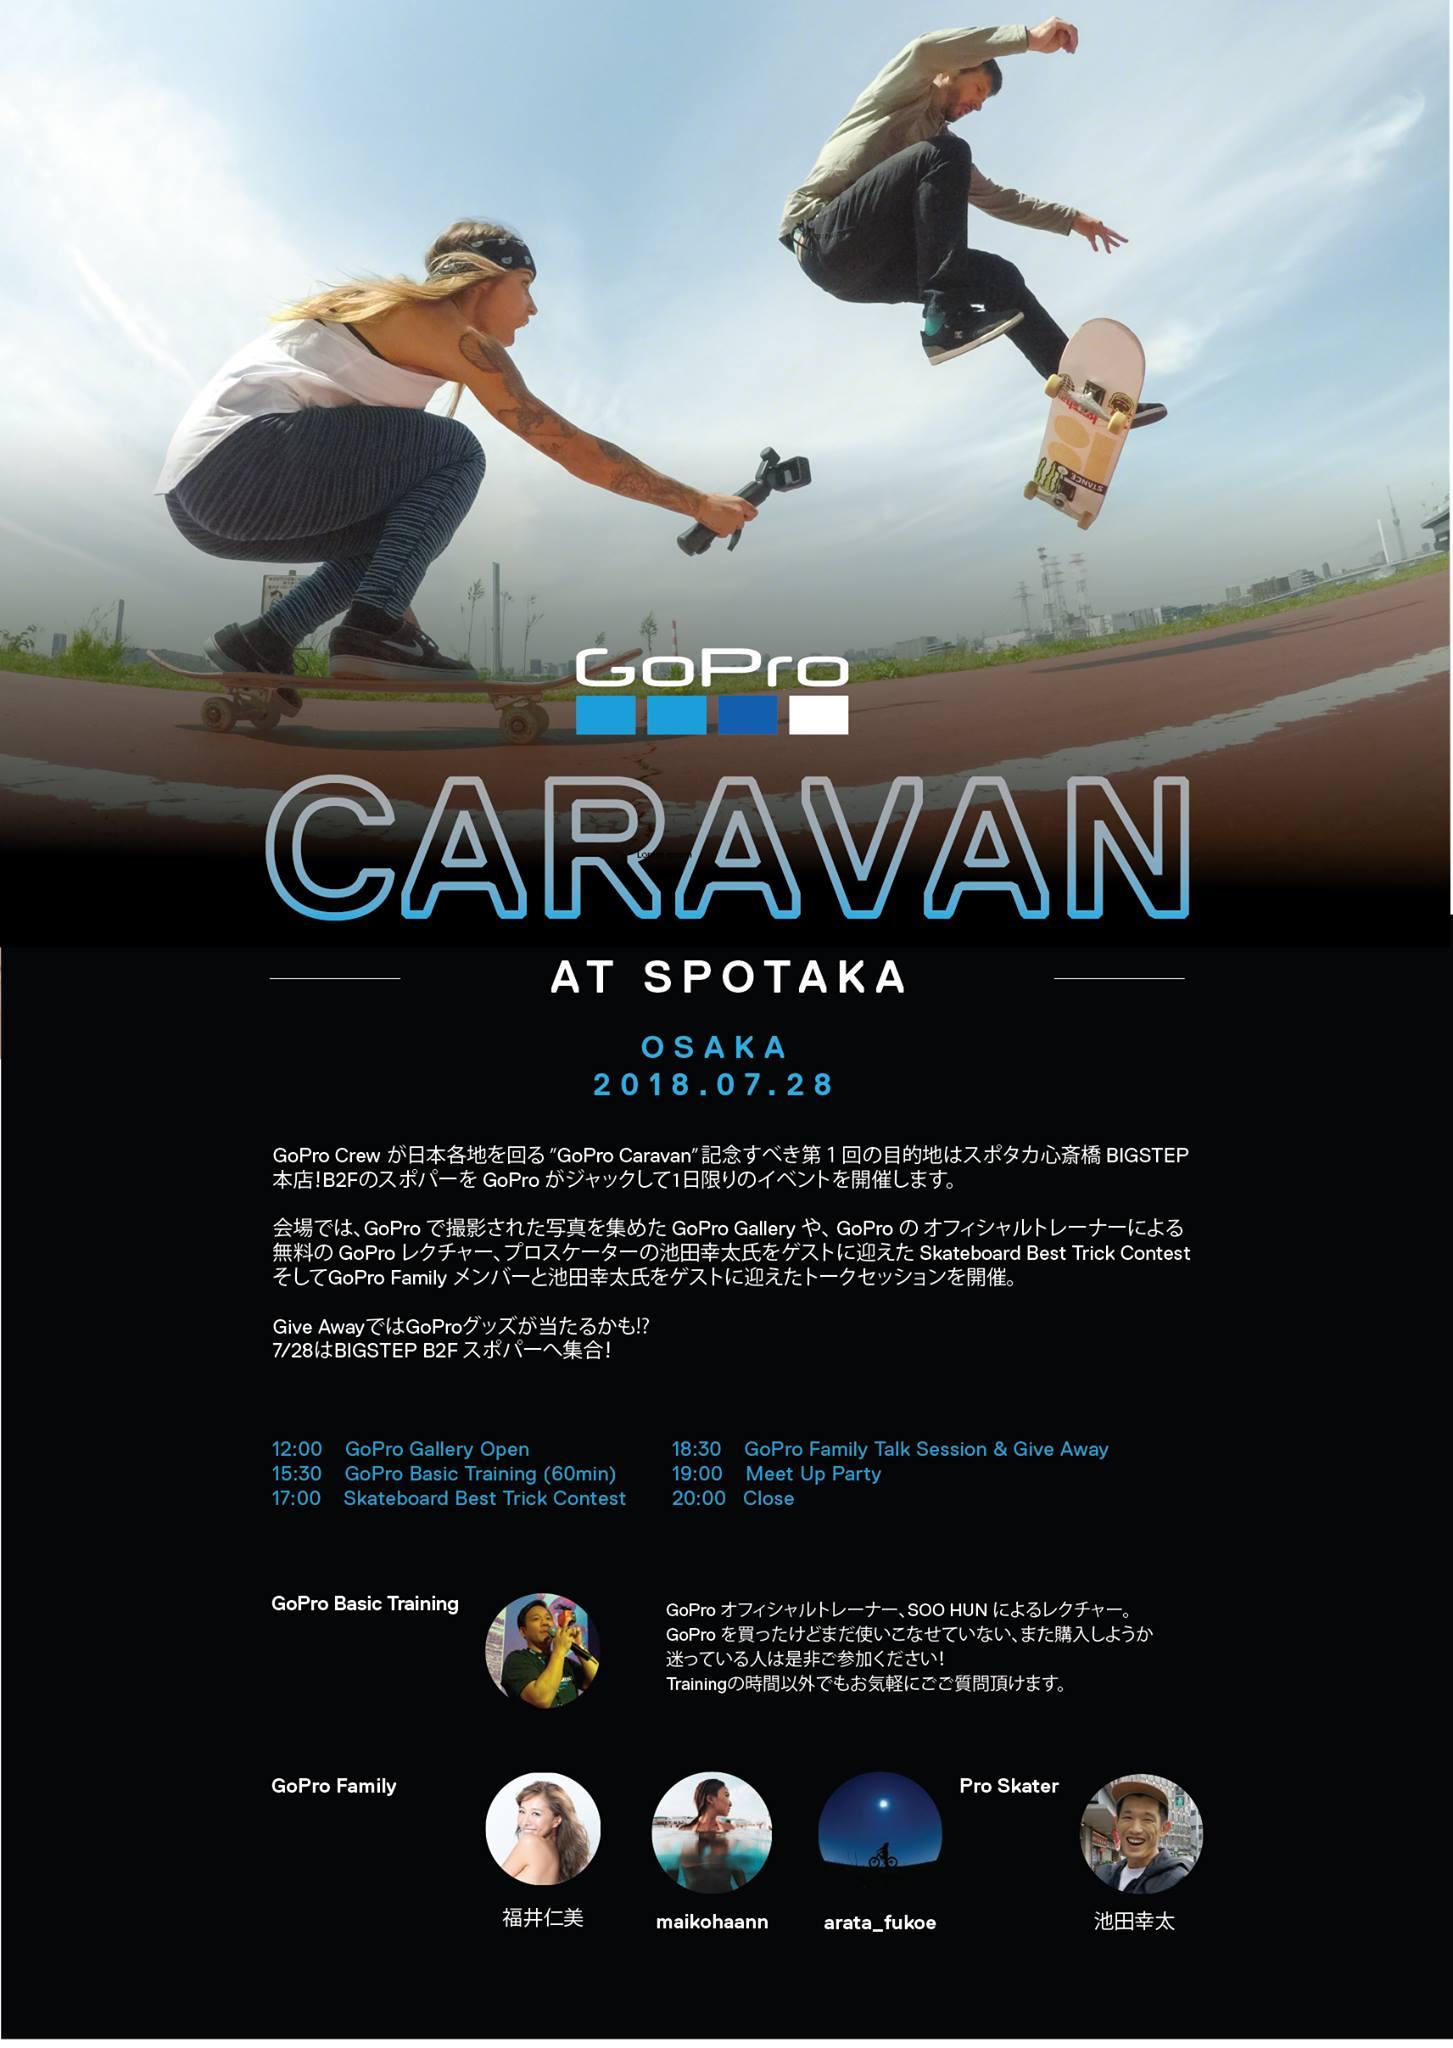 GoPro CARAVAN 記念すべき第一回の開催場所にスポパーが選ばれました!